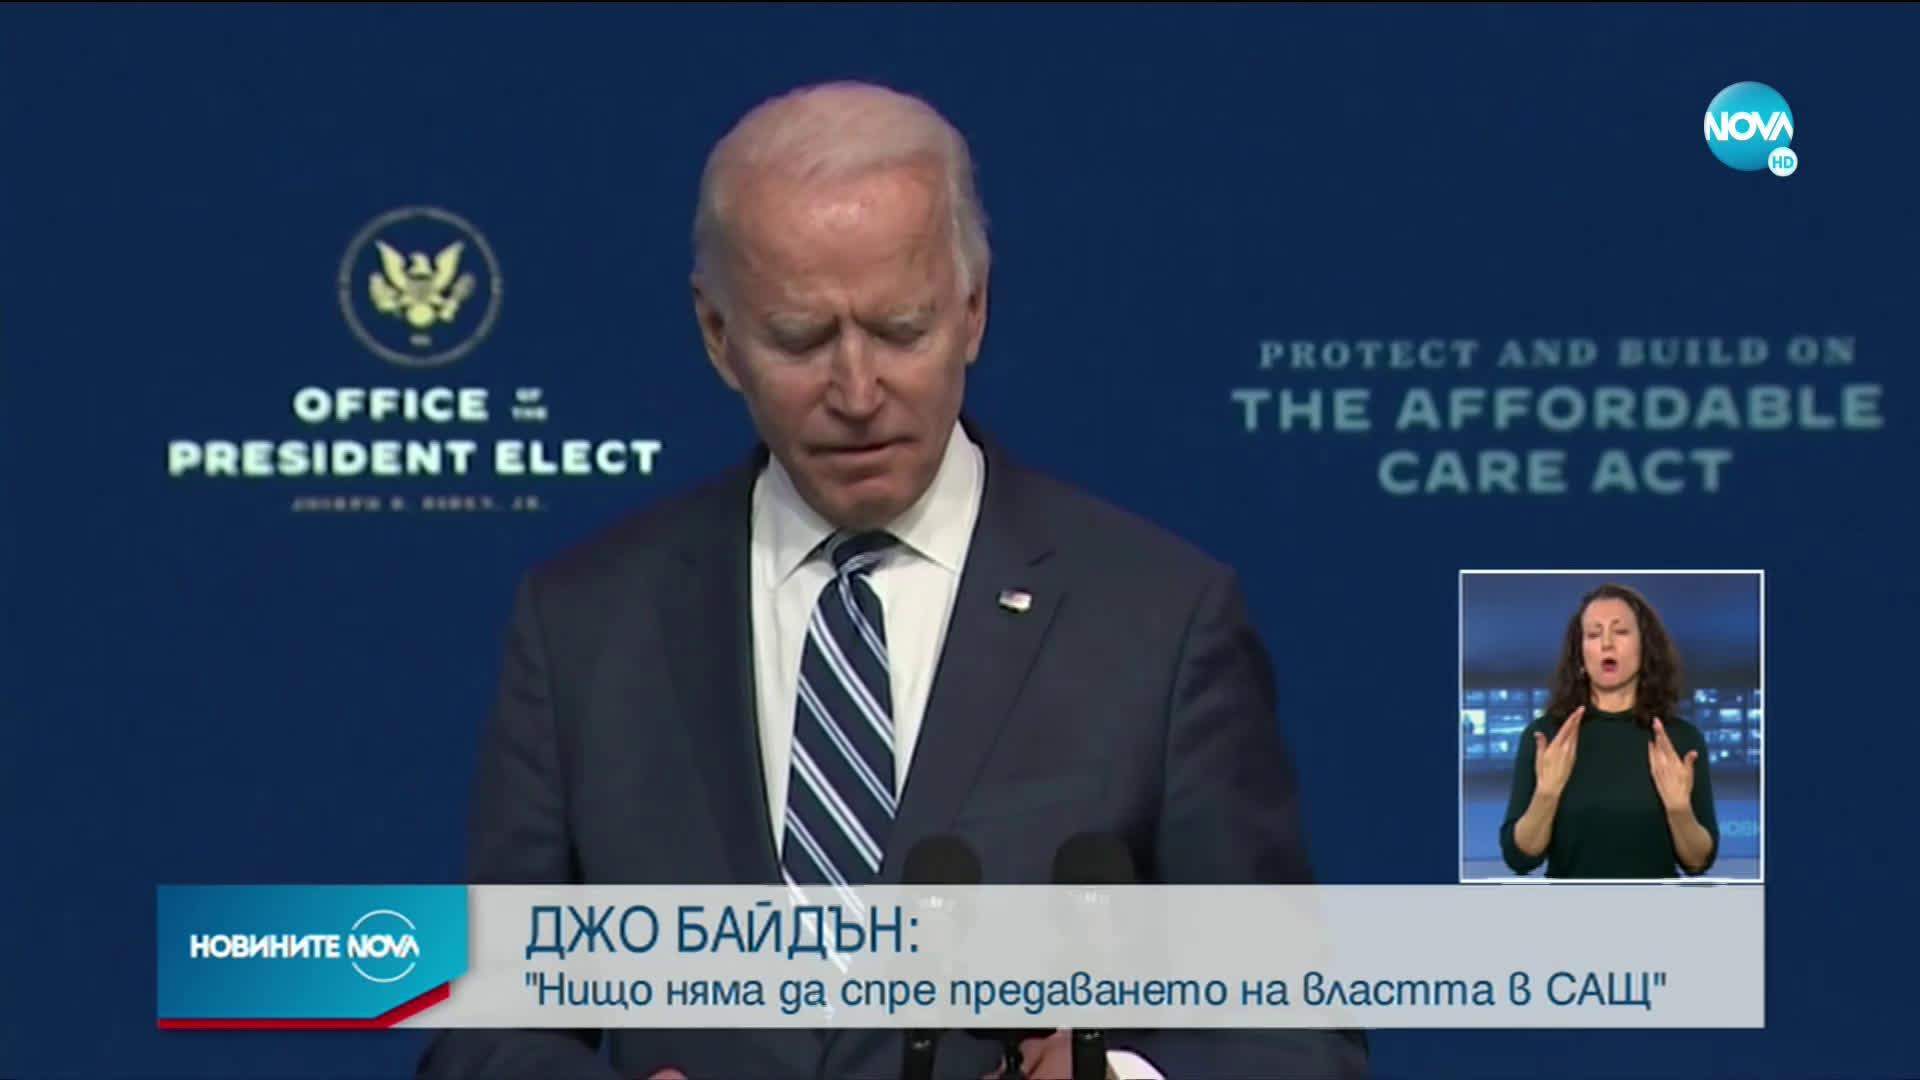 Джо Байдън: Нищо няма да спре предаването на властта в САЩ